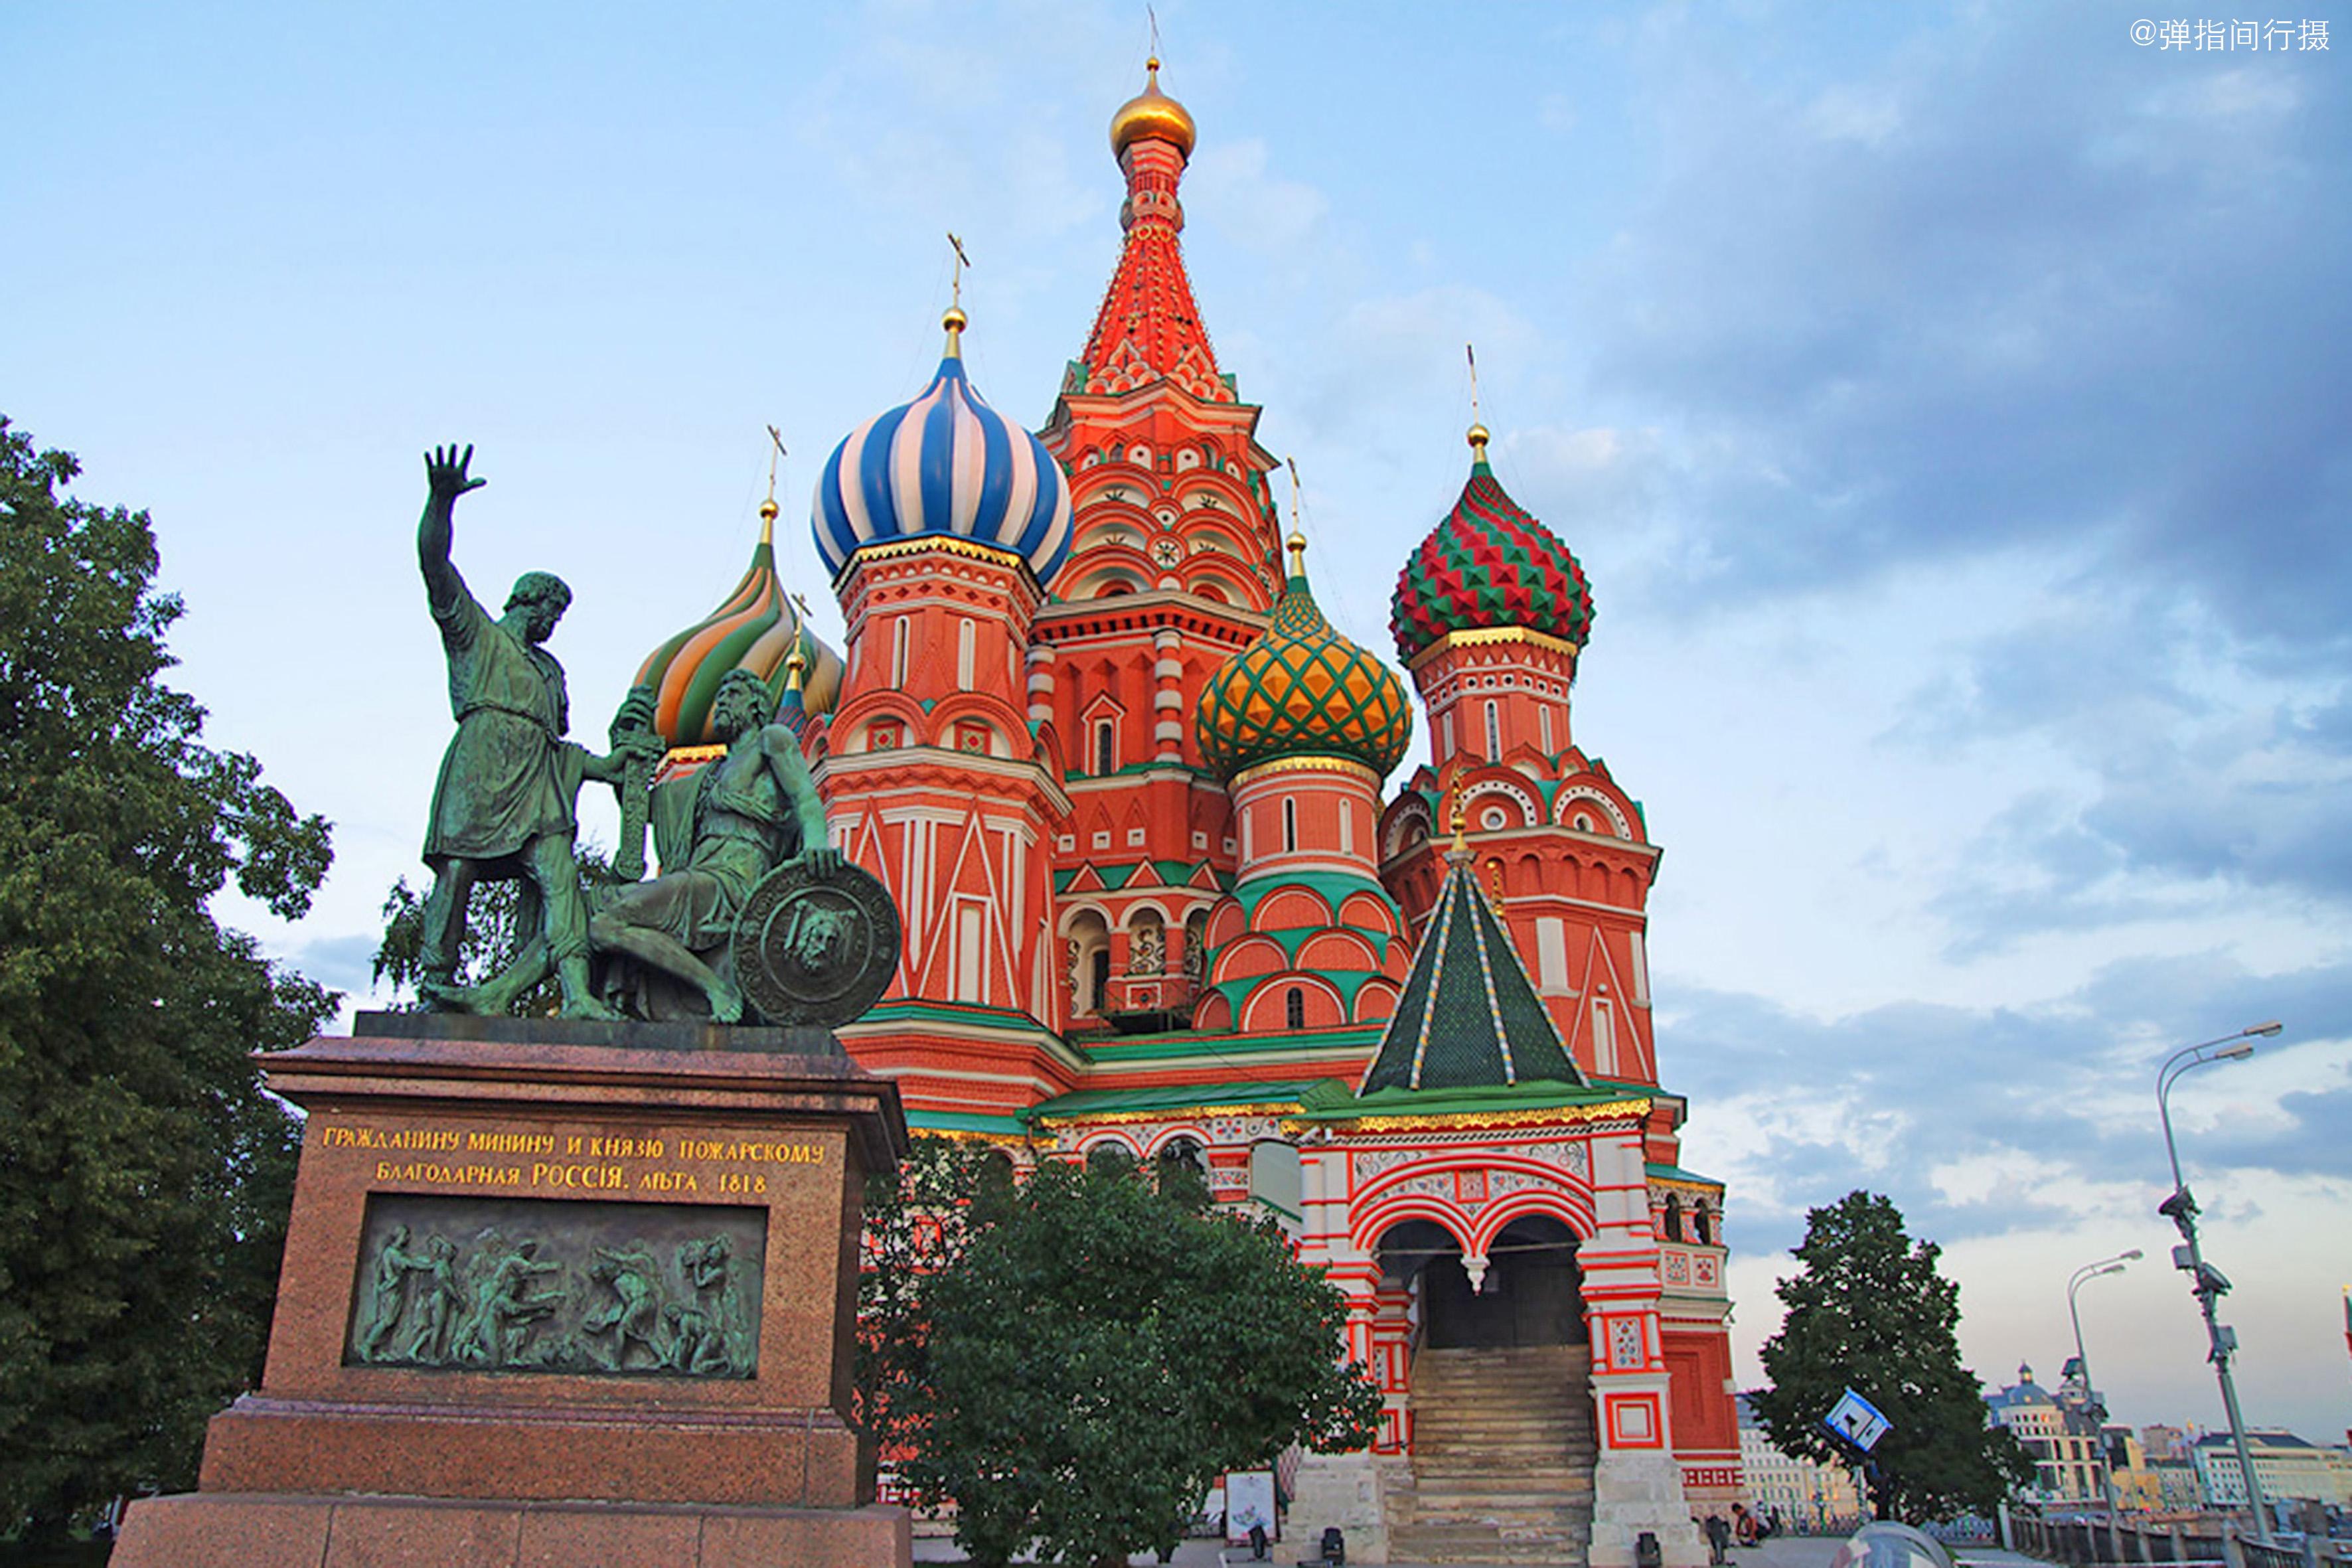 俄罗斯莫斯科究竟有多美?美轮美奂的红场,你一定不要错过!